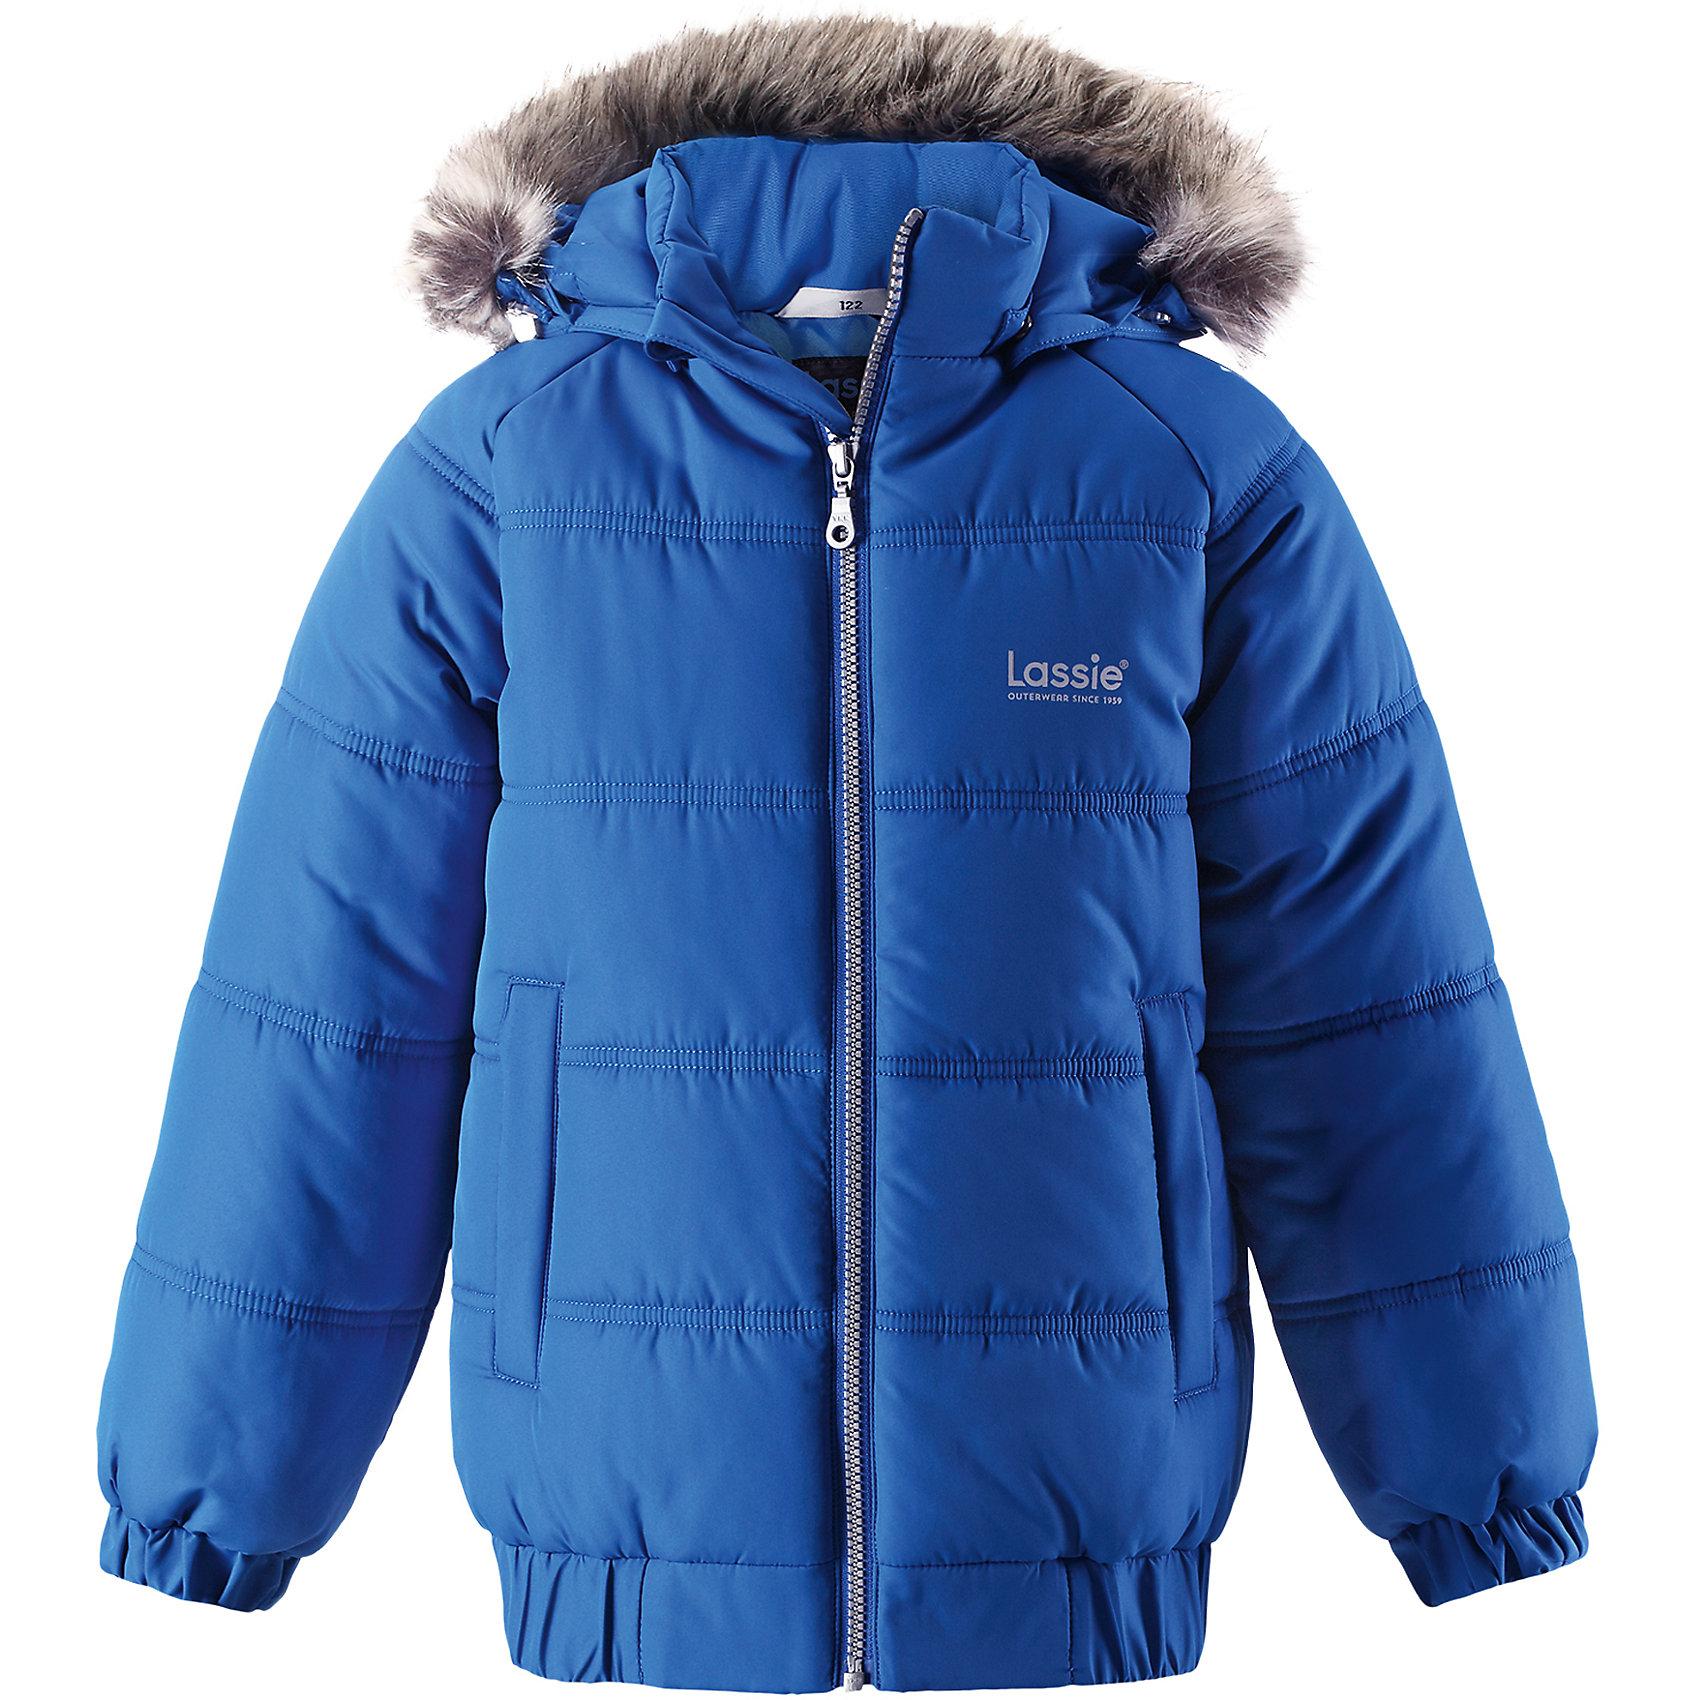 Куртка Lassie для мальчикаОдежда<br>Характеристики товара:<br><br>• цвет: синий;<br>• состав: 100% полиэстер, полиуретановое покрытие;<br>• подкладка: 100% полиэстер;<br>• утеплитель: 200 г/м2;<br>• сезон: зима;<br>• температурный режим: от 0 до -25С;<br>• водонепроницаемость: 1000 мм;<br>• воздухопроницаемость: 1000 мм;<br>• износостойкость: 20000 циклов (тест Мартиндейла);<br>• особенности: с мехом;<br>• застежка: молния с дополнительной защитной планкой и защитой подбородка;<br>• водоотталкивающий, ветронепроницаемый и дышащий материал;<br>• гладкая подкладка из полиэстера;<br>• безопасный съемный капюшон; <br>• съемный искусственный мех на капюшоне;<br>• эластичные манжеты рукавов; <br>• эластичная кромка подола;<br>• два прорезных кармана;<br>• светоотражающие детали;<br>• страна бренда: Финляндия;<br>• страна изготовитель: Китай;<br><br>Классная куртка на зимние холода! Эта зимняя куртка сшита из водоотталкивающего, ветронепроницаемого и дышащего материала. Она снабжена безопасным съемным капюшоном, а съемная оторочка из искусственного меха оживляет образ.<br><br>Куртку Lassie (Ласси) для мальчика можно купить в нашем интернет-магазине.<br><br>Ширина мм: 356<br>Глубина мм: 10<br>Высота мм: 245<br>Вес г: 519<br>Цвет: синий<br>Возраст от месяцев: 108<br>Возраст до месяцев: 120<br>Пол: Мужской<br>Возраст: Детский<br>Размер: 140,92,98,104,110,116,122,128,134<br>SKU: 6927651